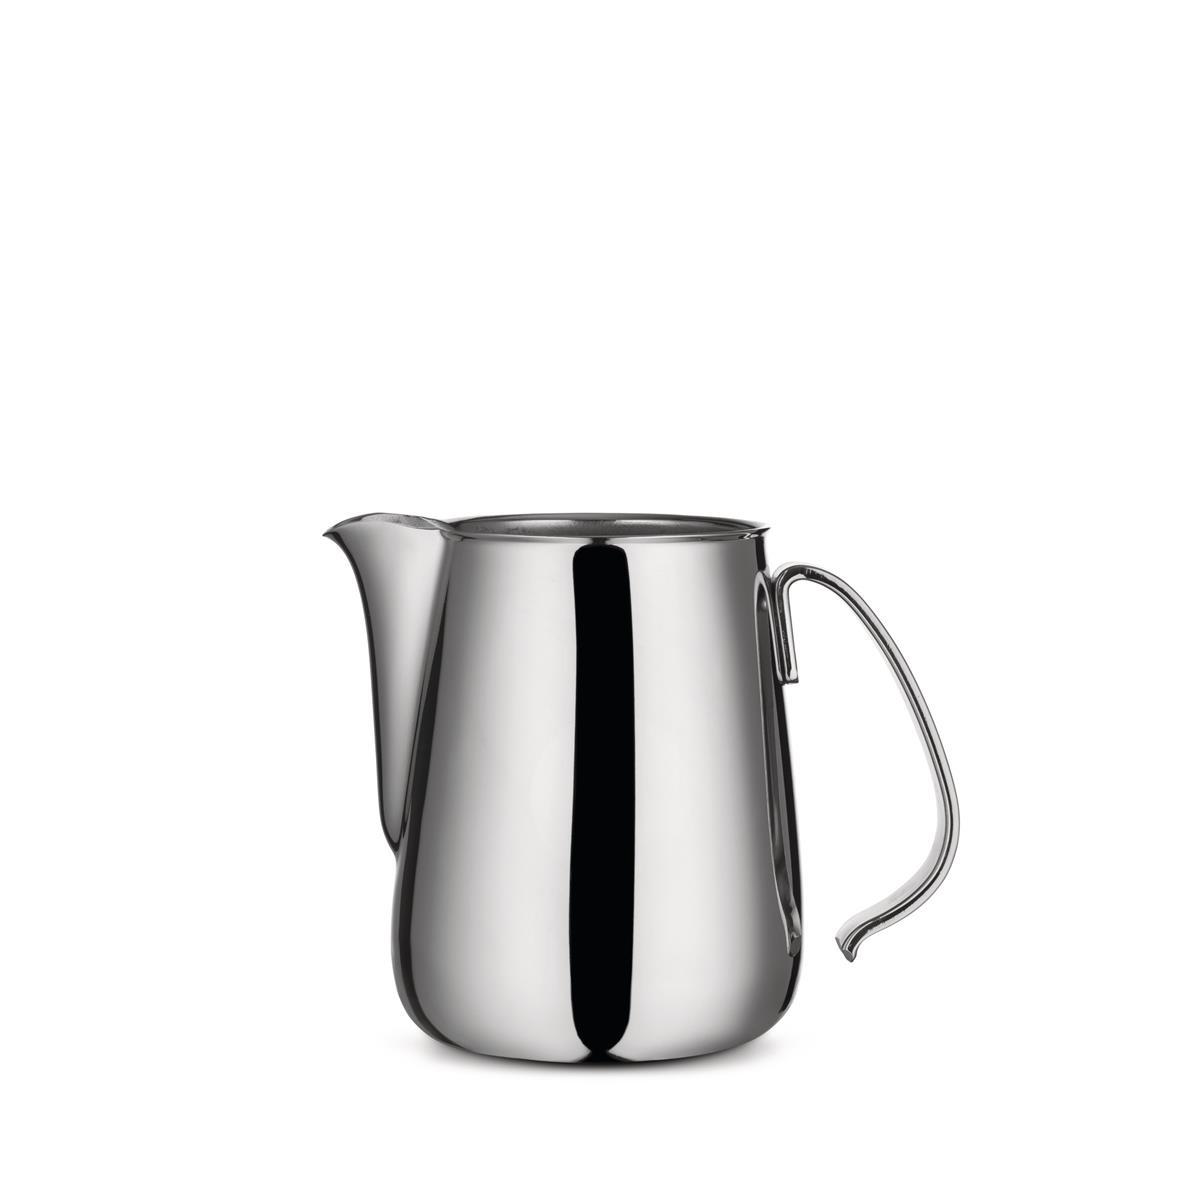 Alessi-Milk jug in 18/10 stainless steel